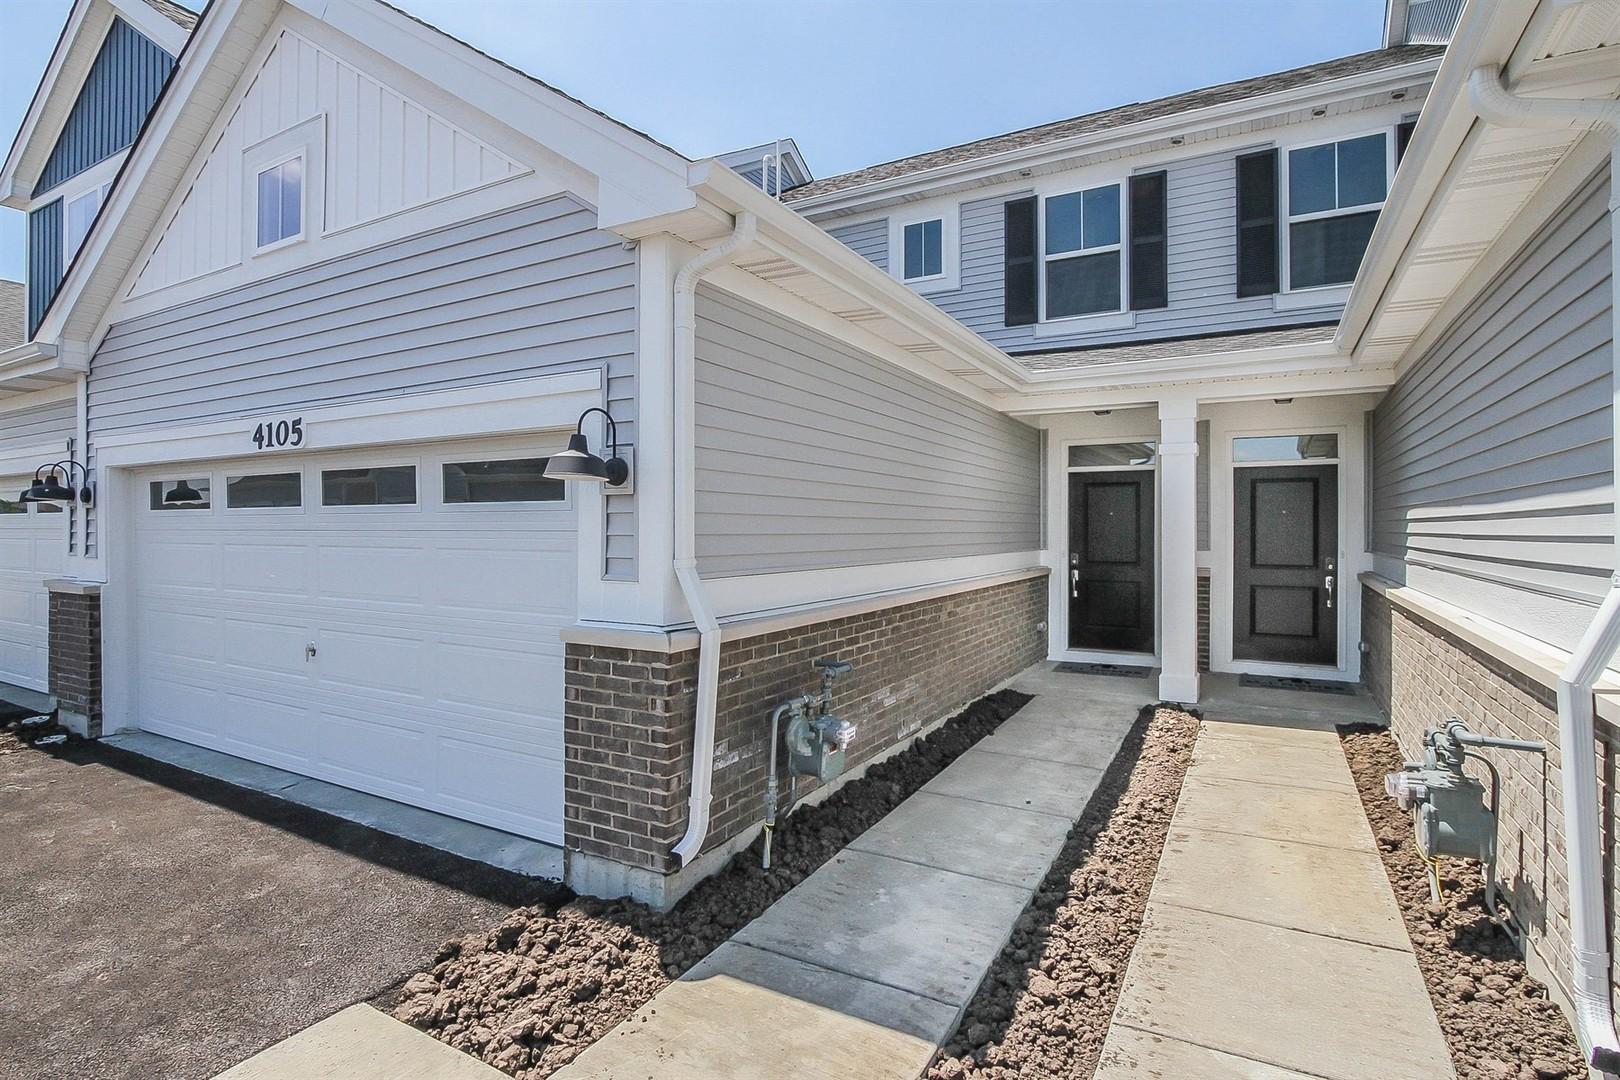 4105 Winslow Lot #10.02, AURORA, Illinois, 60504